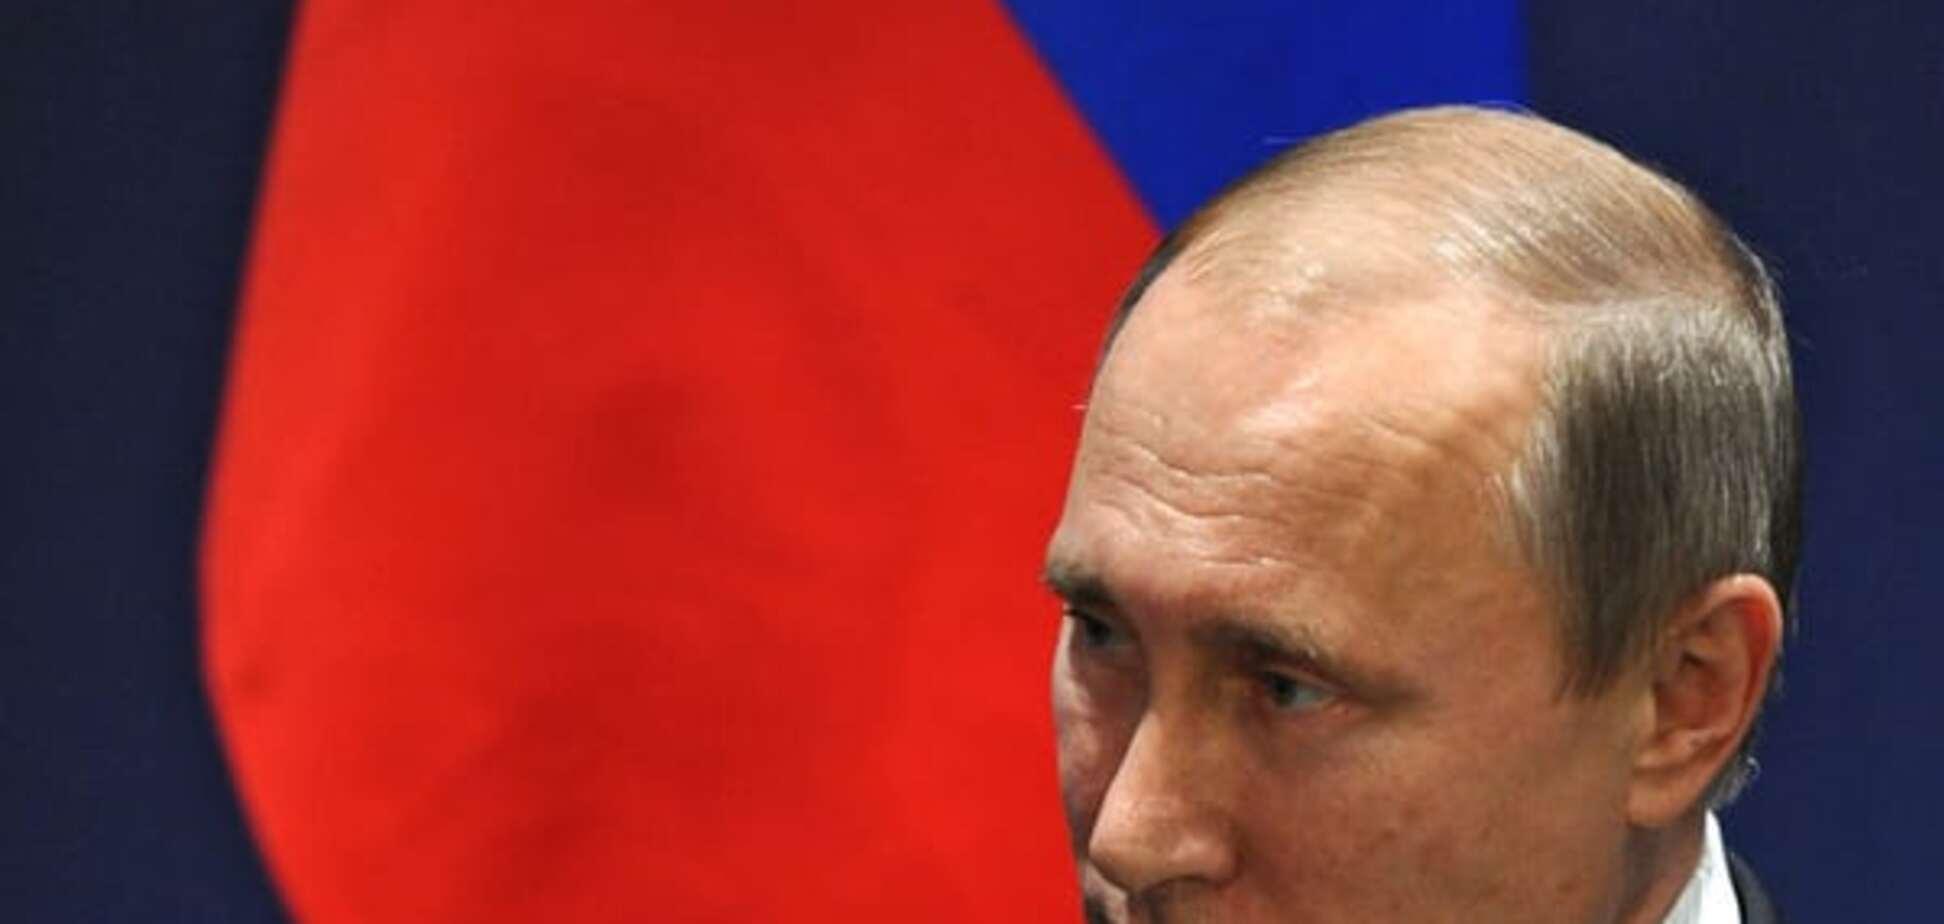 Виходу немає: Шевцова розповіла, як Путін потрапив у кримську пастку